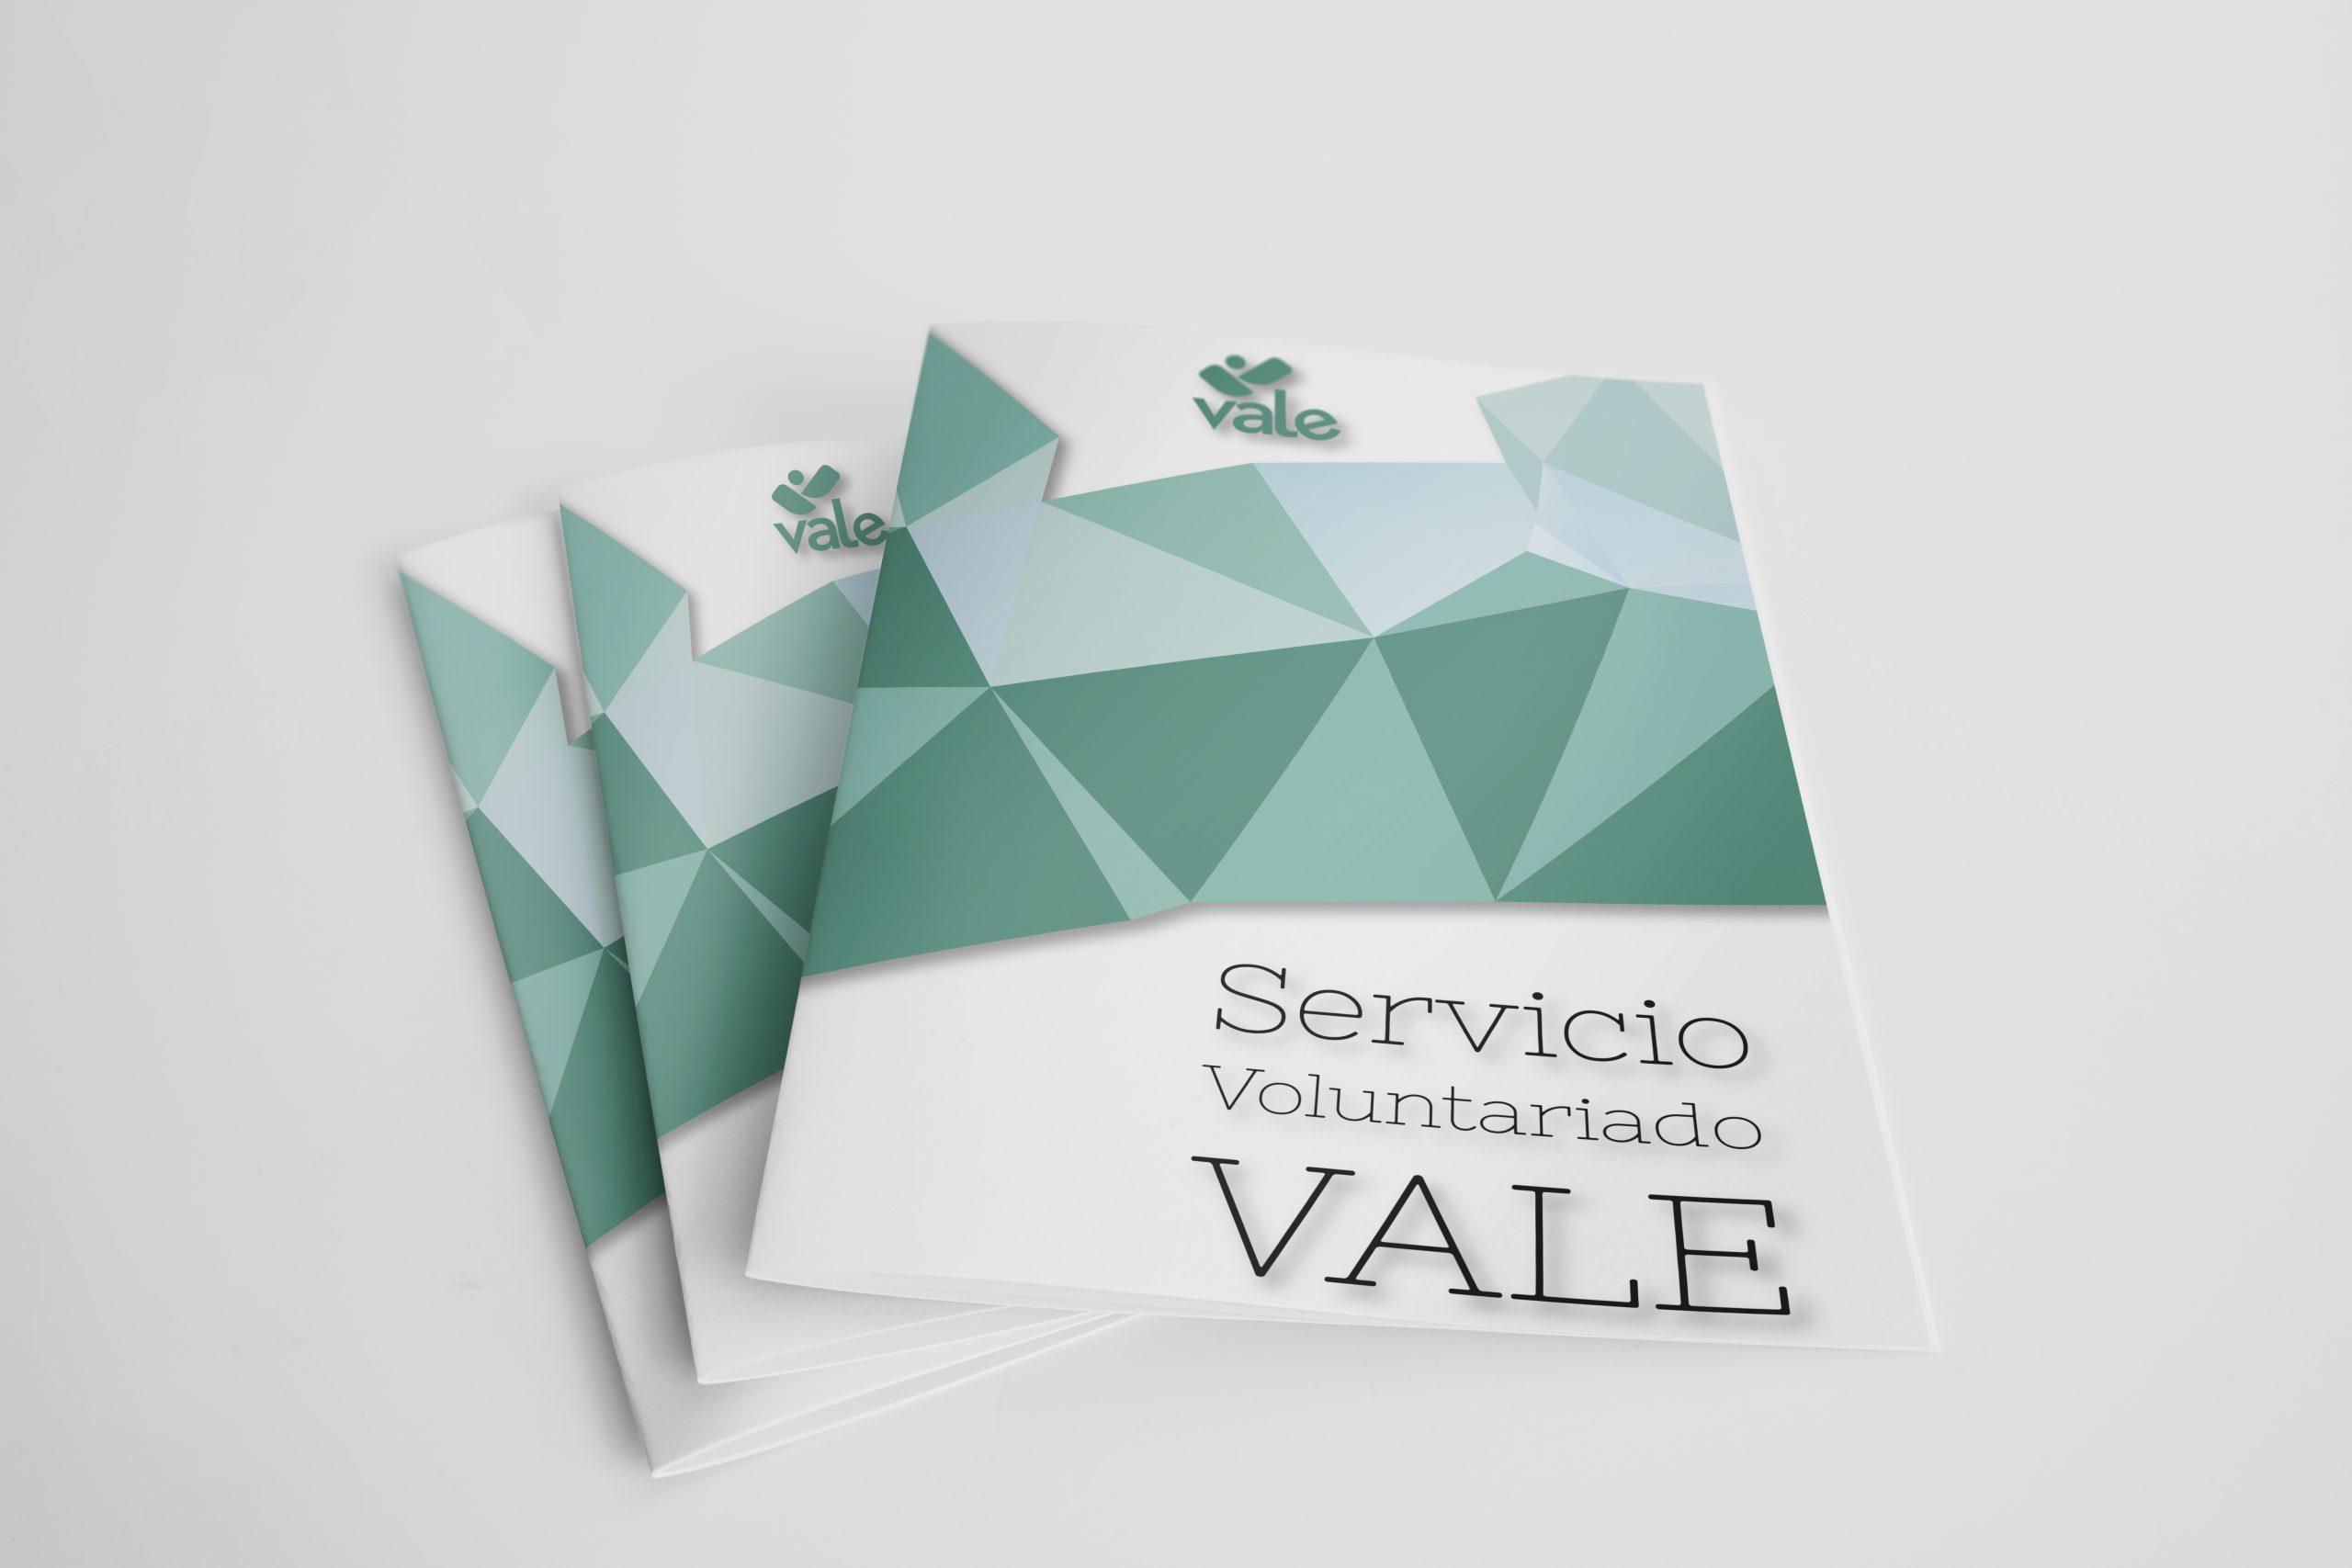 Servicio Voluntariado VALE